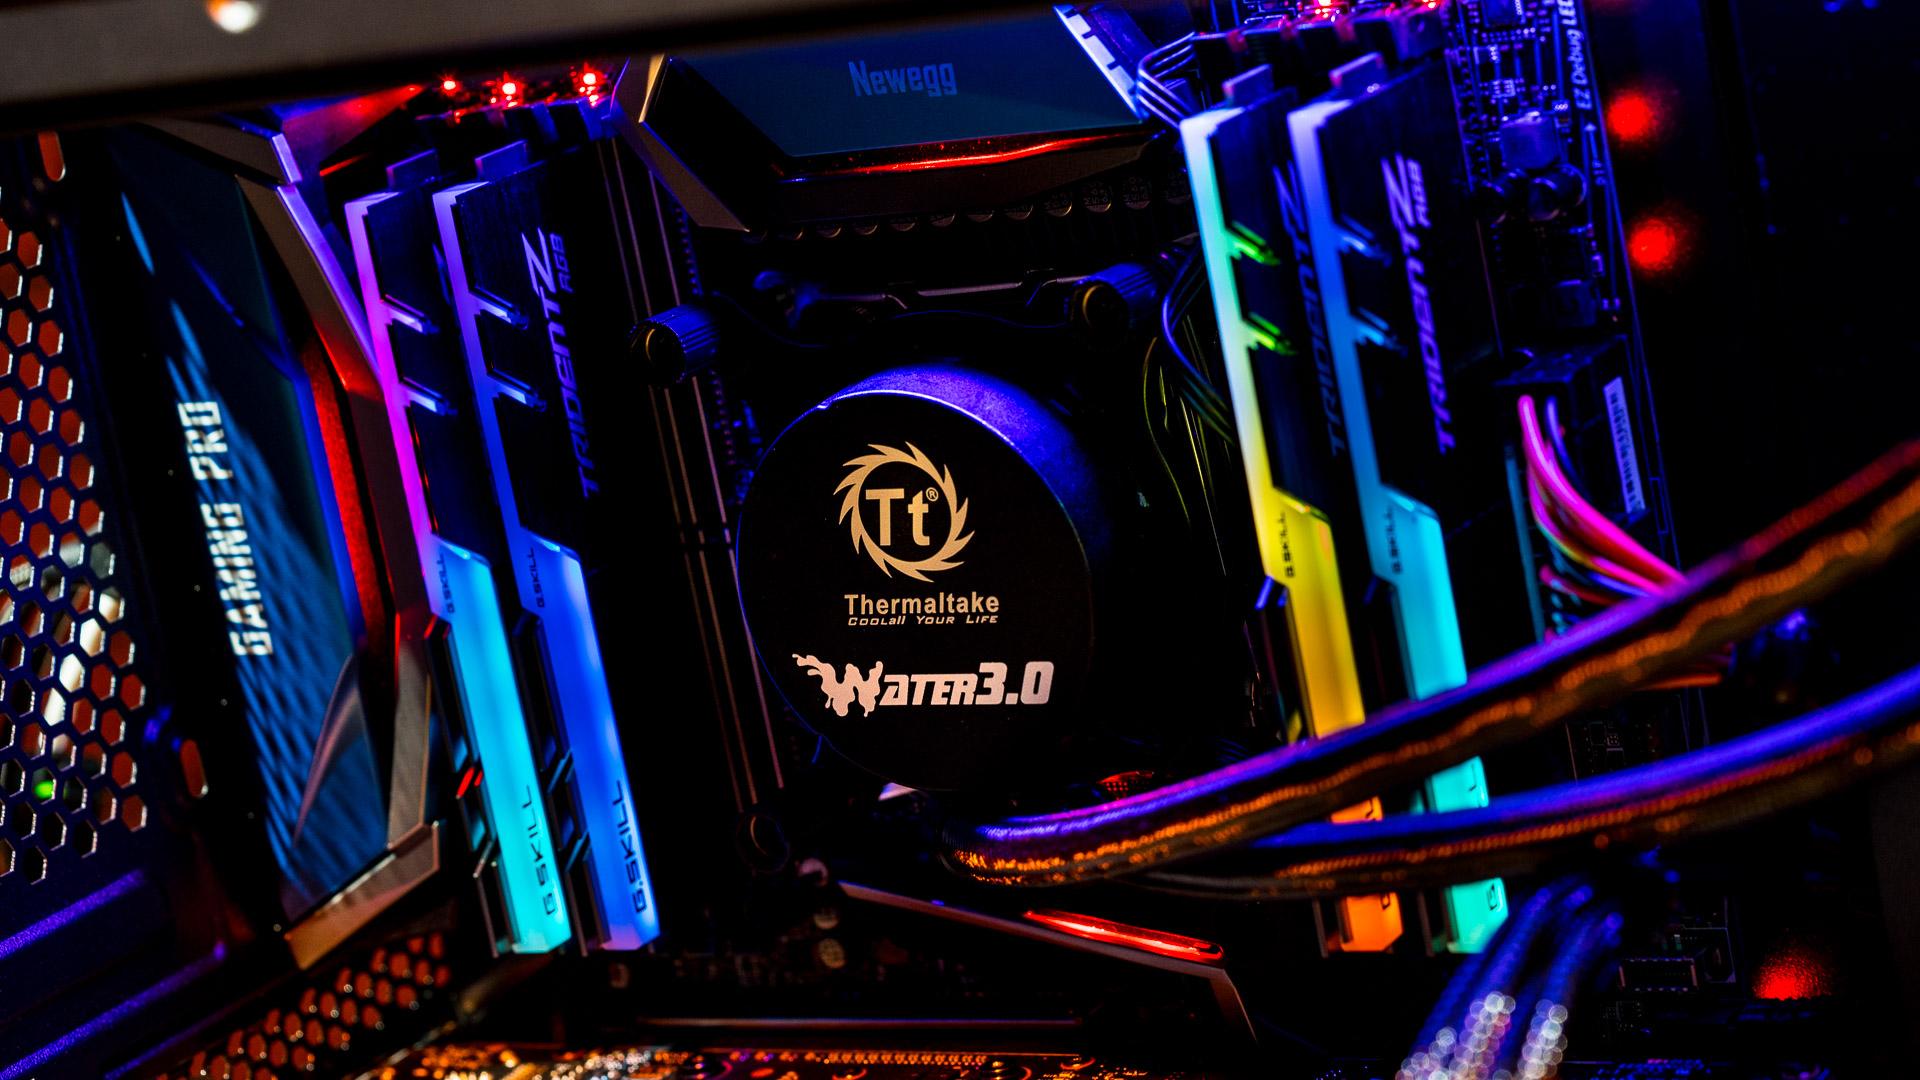 RAM in a motherboard